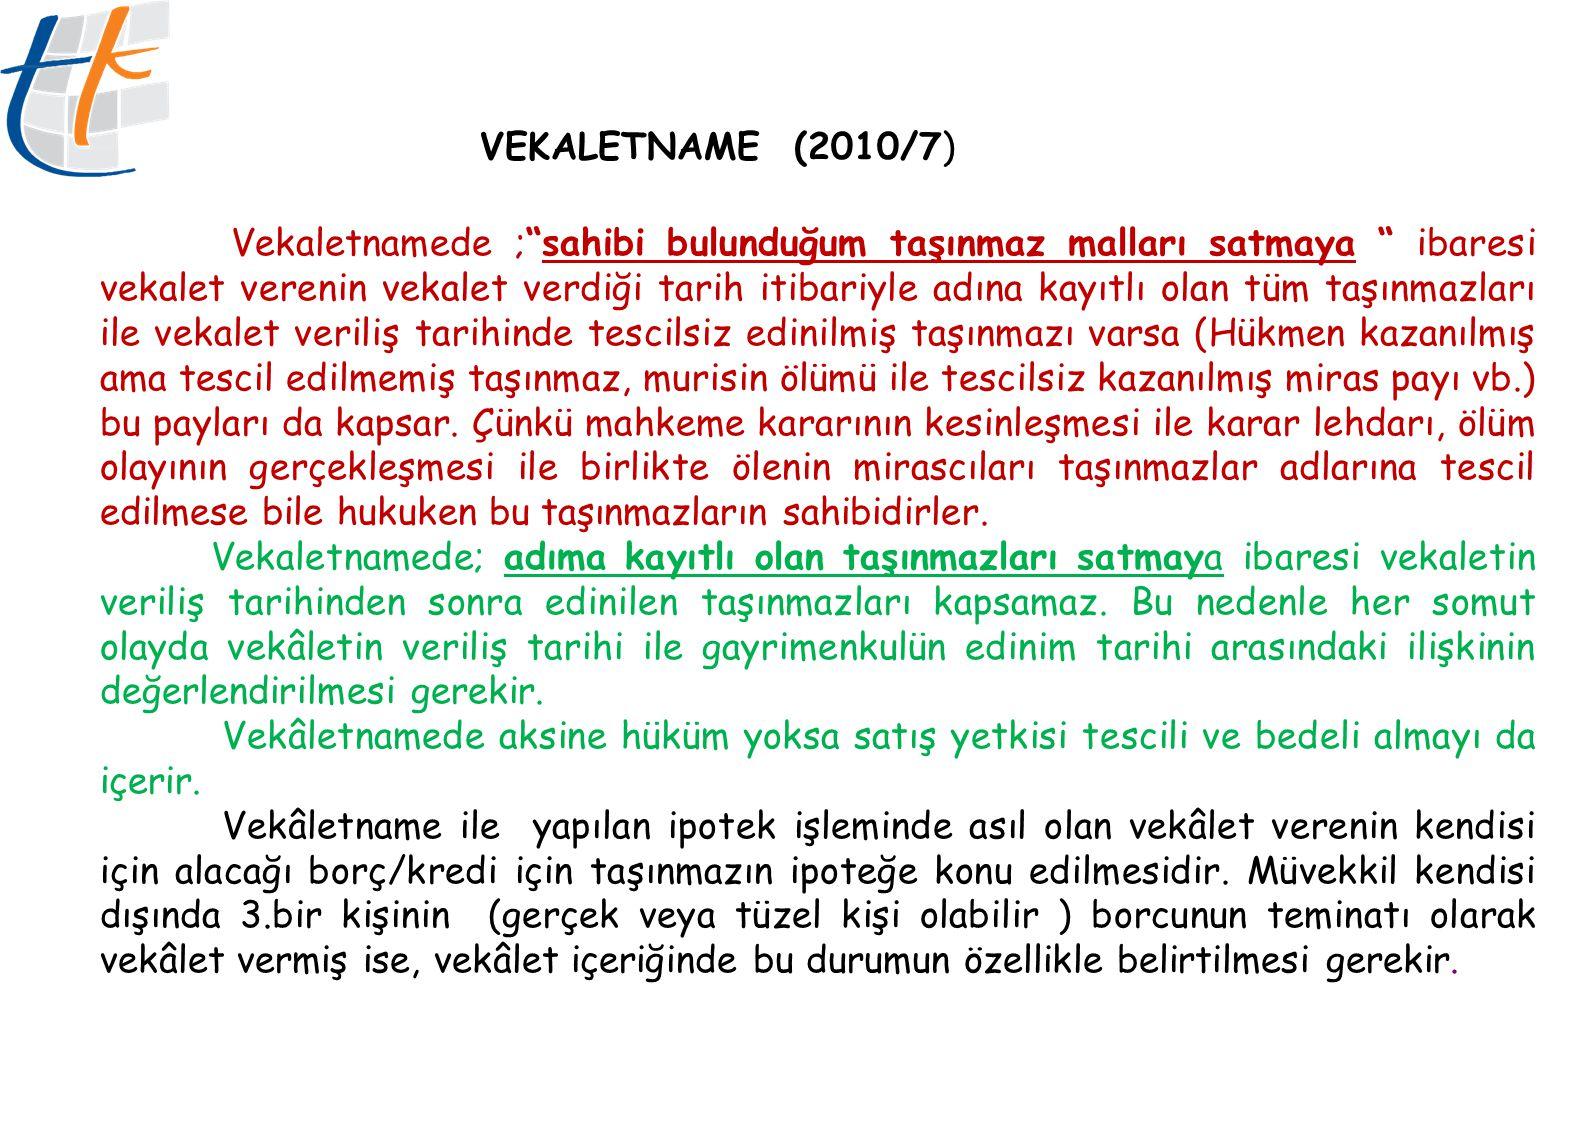 VEKALETNAME (2010/7)